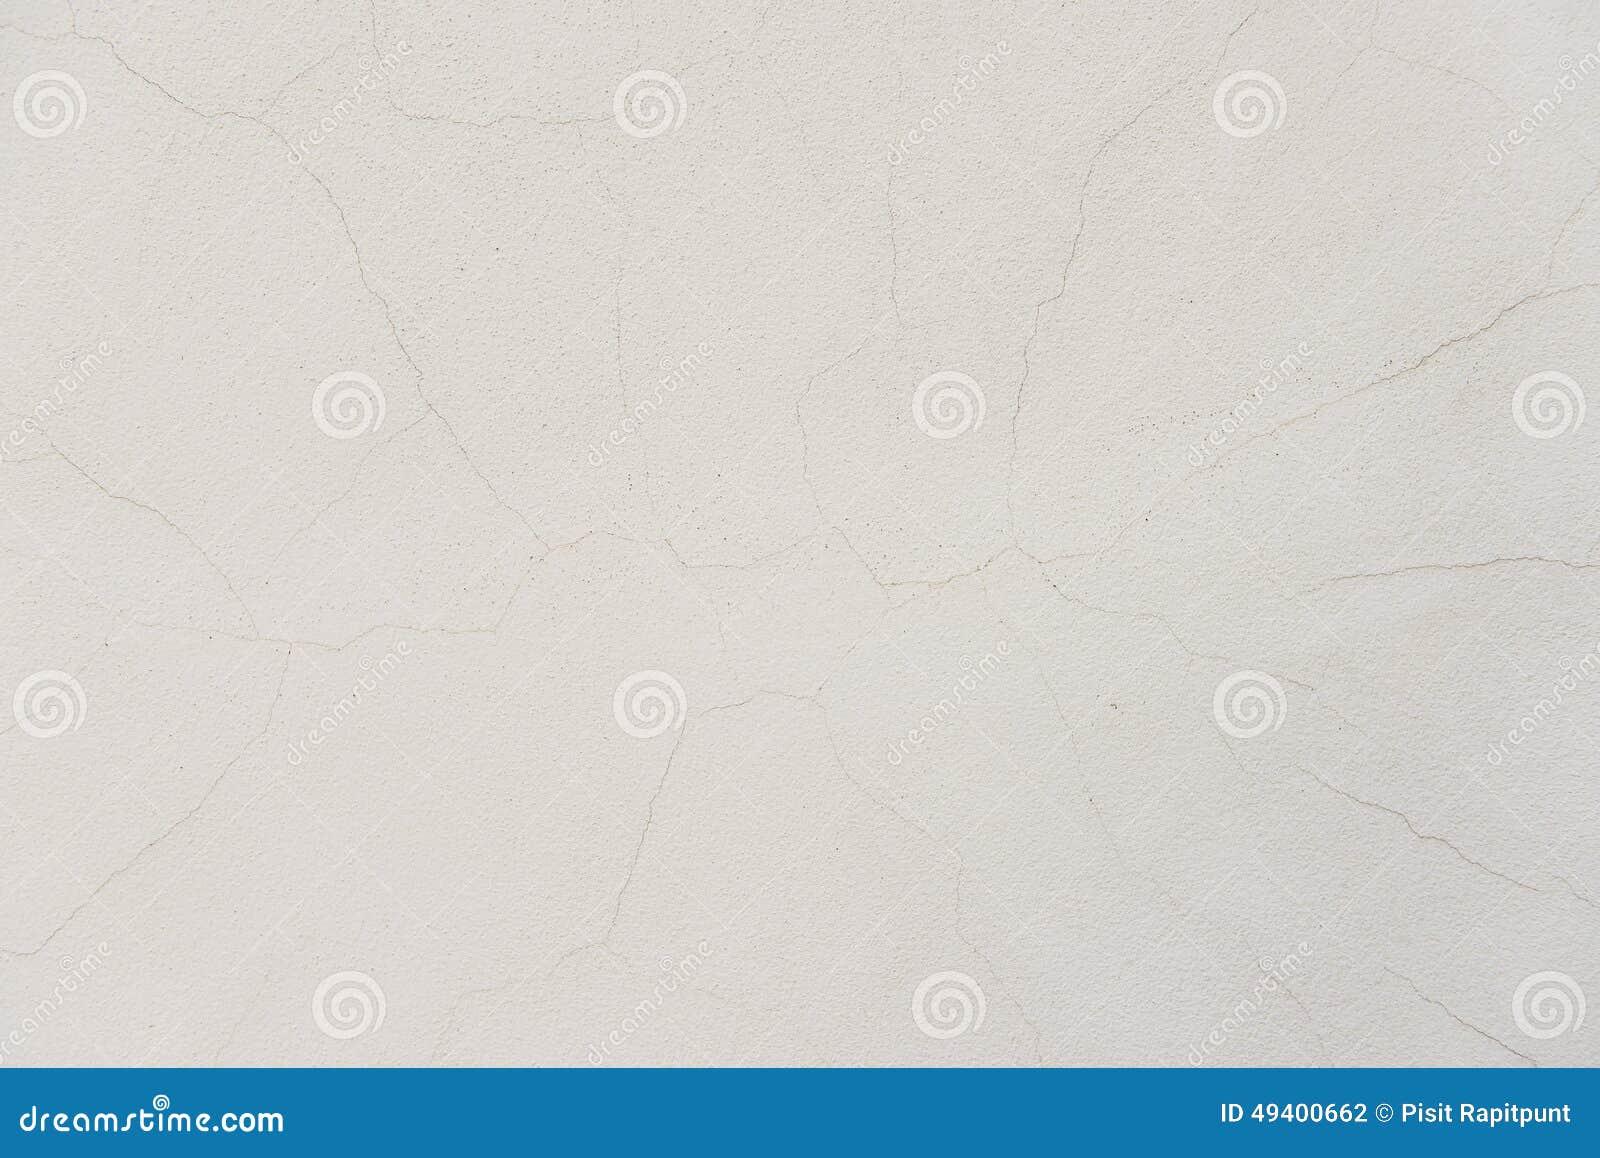 Download Zementputzwandhintergrund stockfoto. Bild von kleber - 49400662